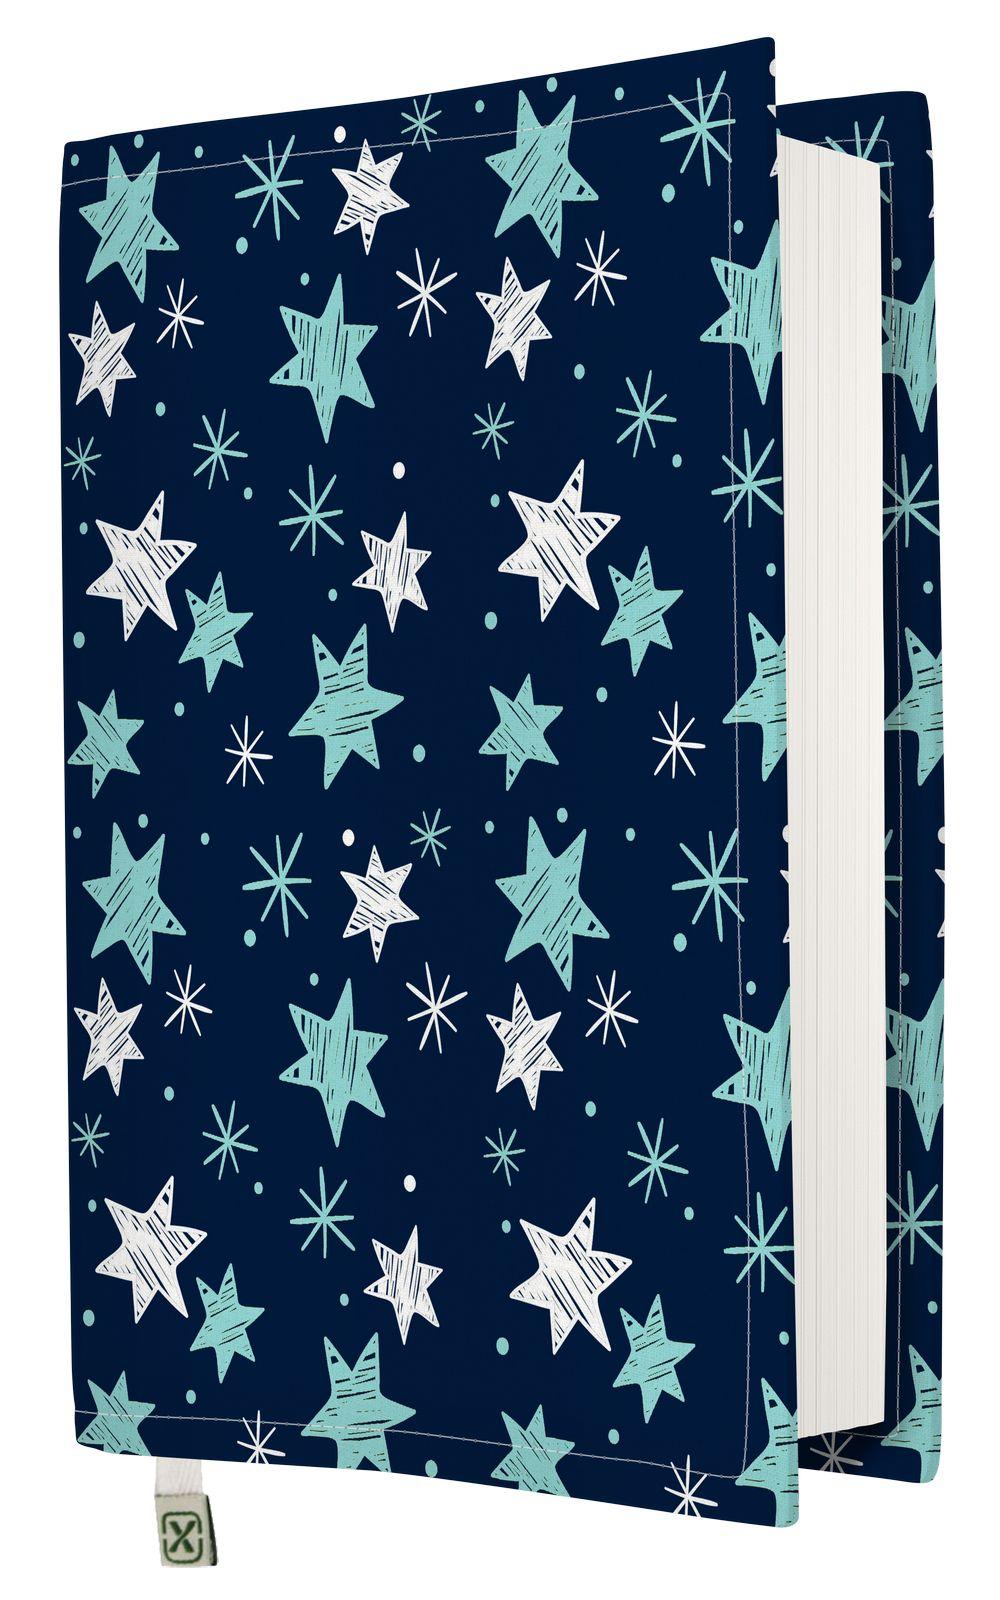 Kapax Kitap Kılıfı - Yıldız - M - 31x21cm